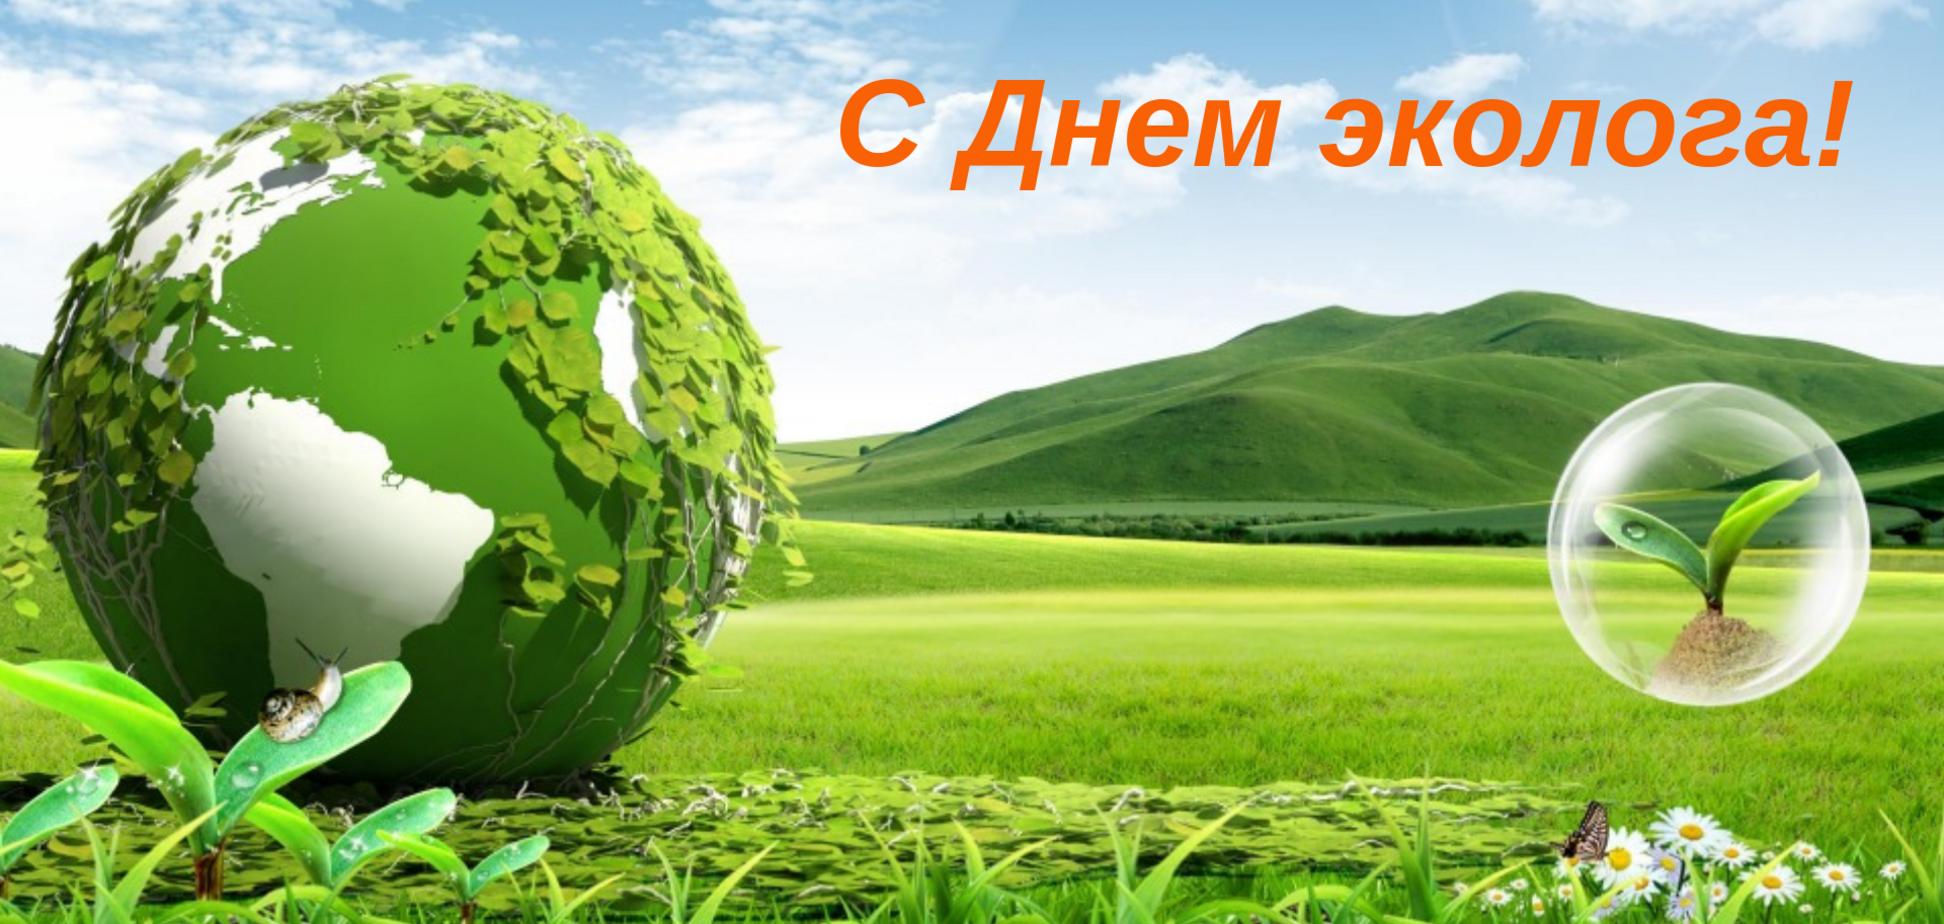 Всесвітній день охорони навколишнього середовища було проголошено 1972 року